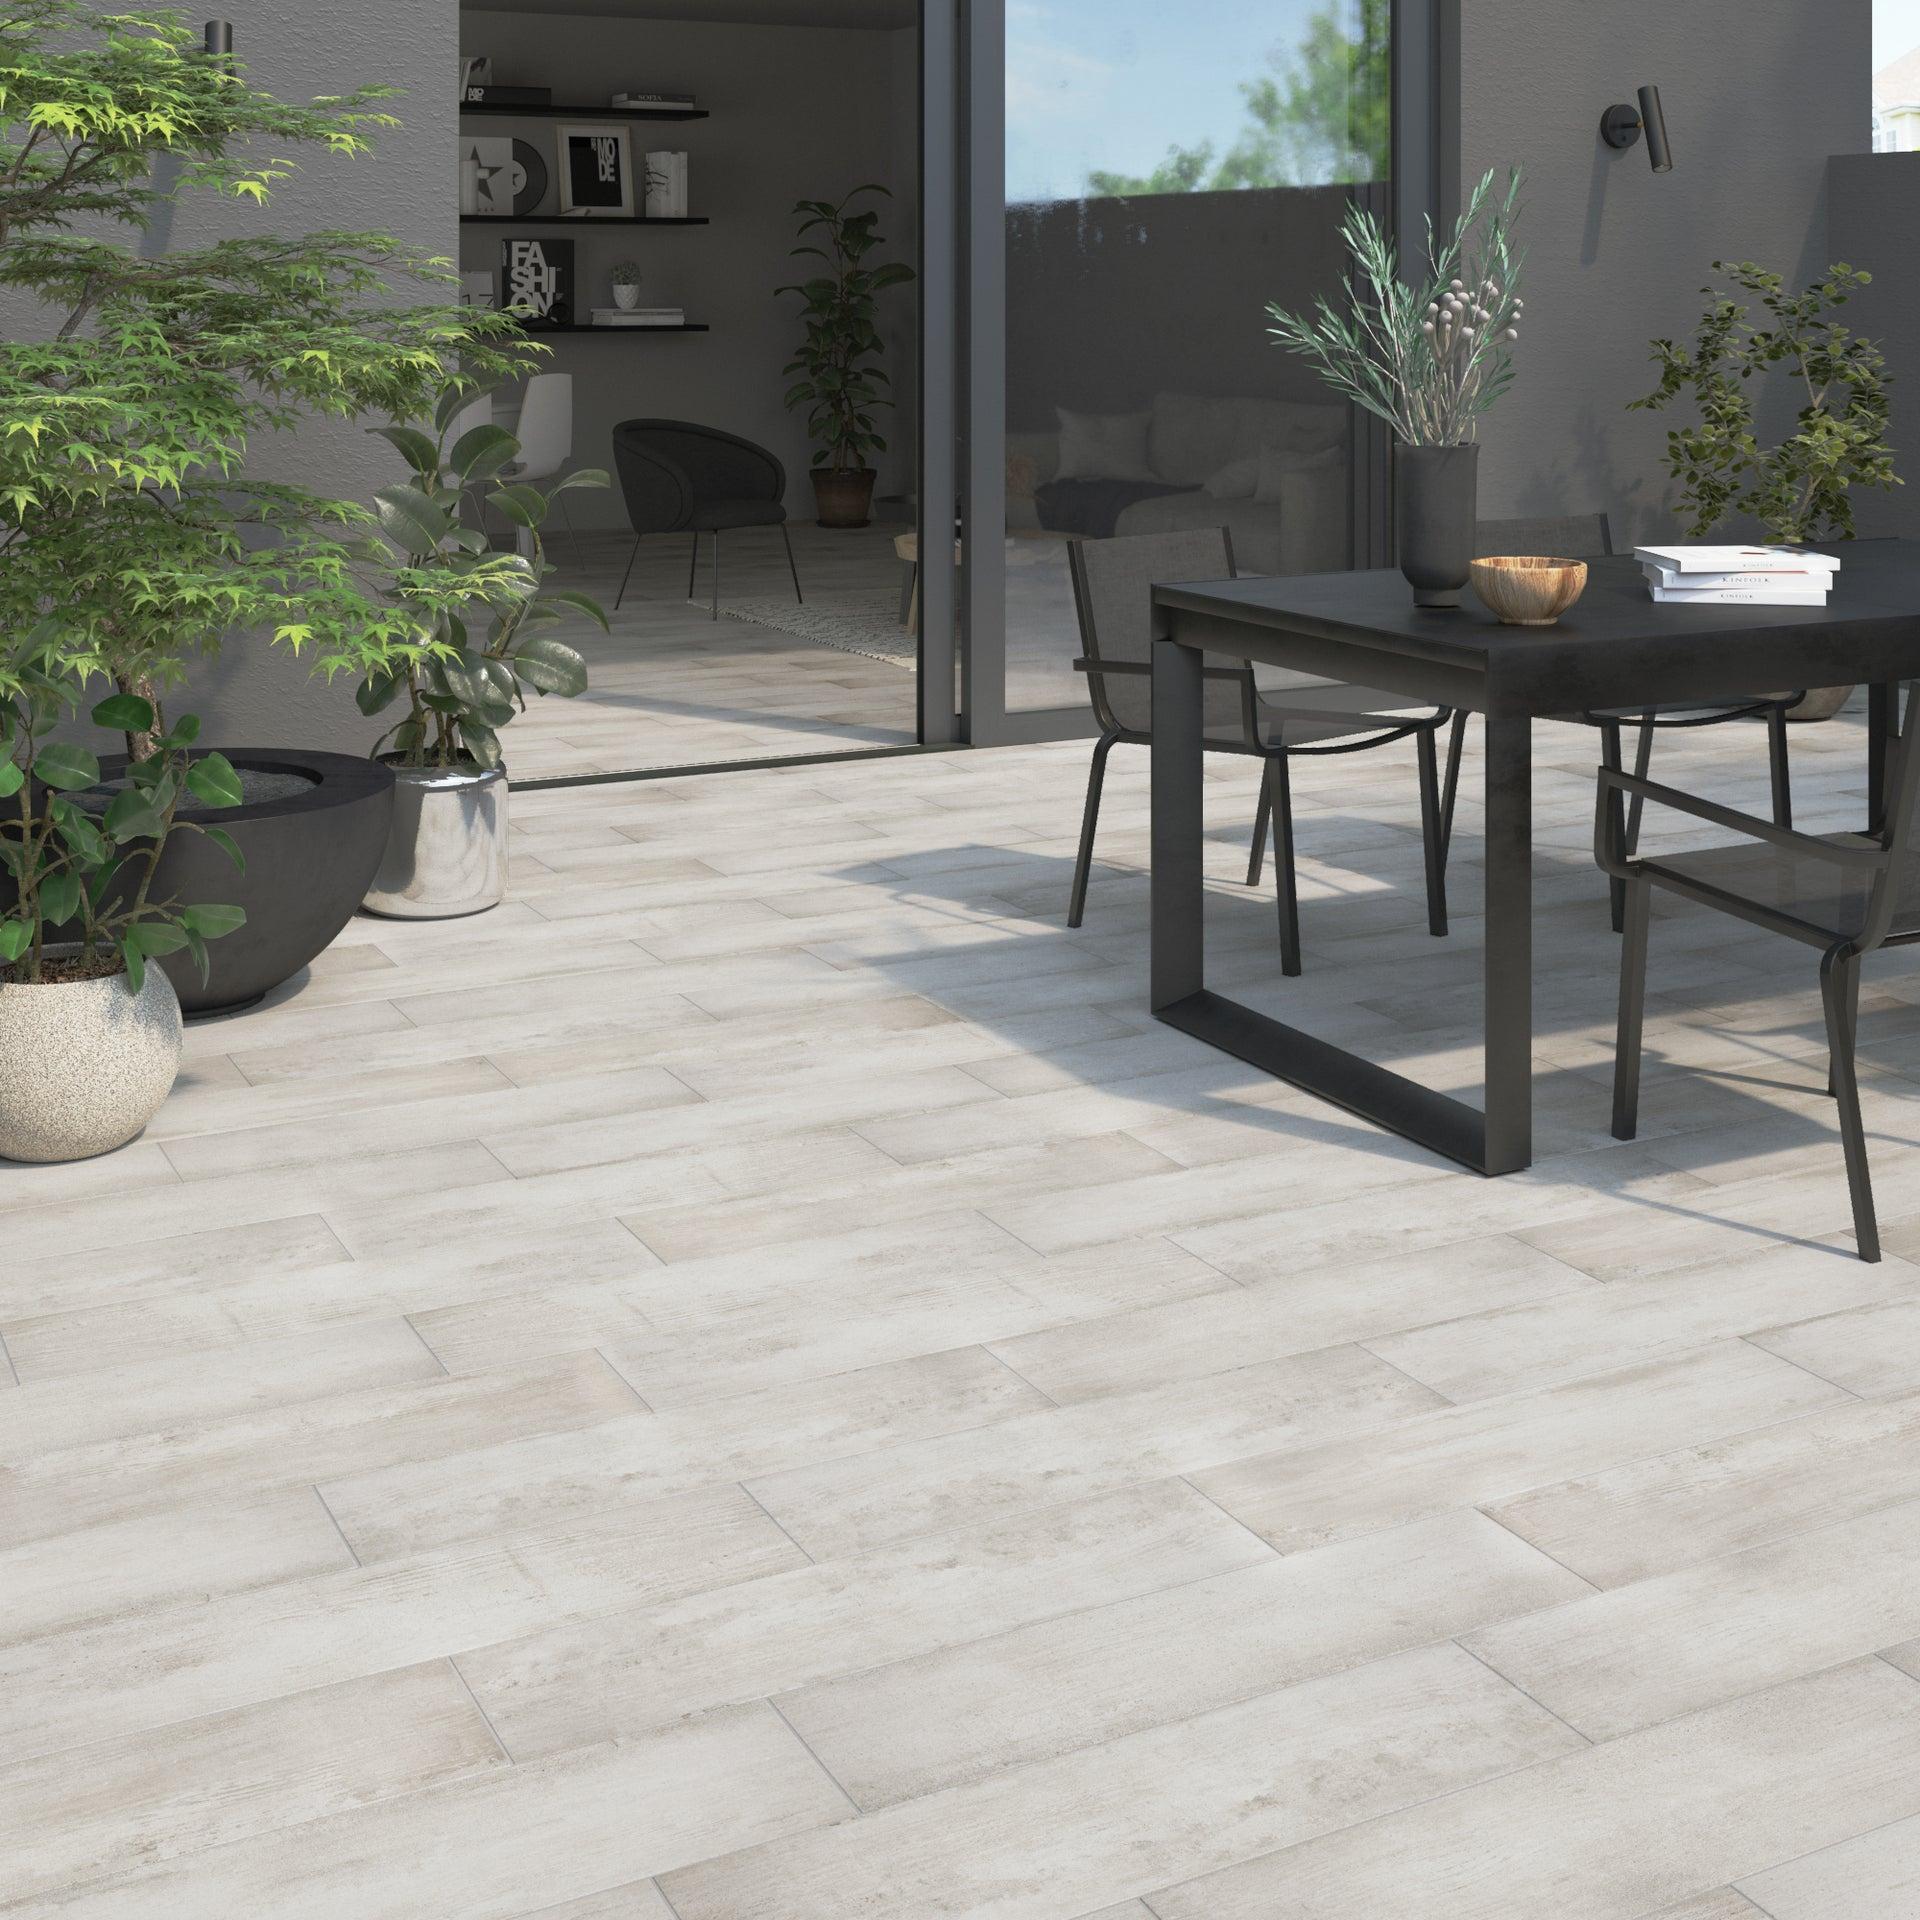 Carrelage sol extérieur forte effet bois gris clair Flow l.20.2 x L.80.2 cm | Leroy Merlin